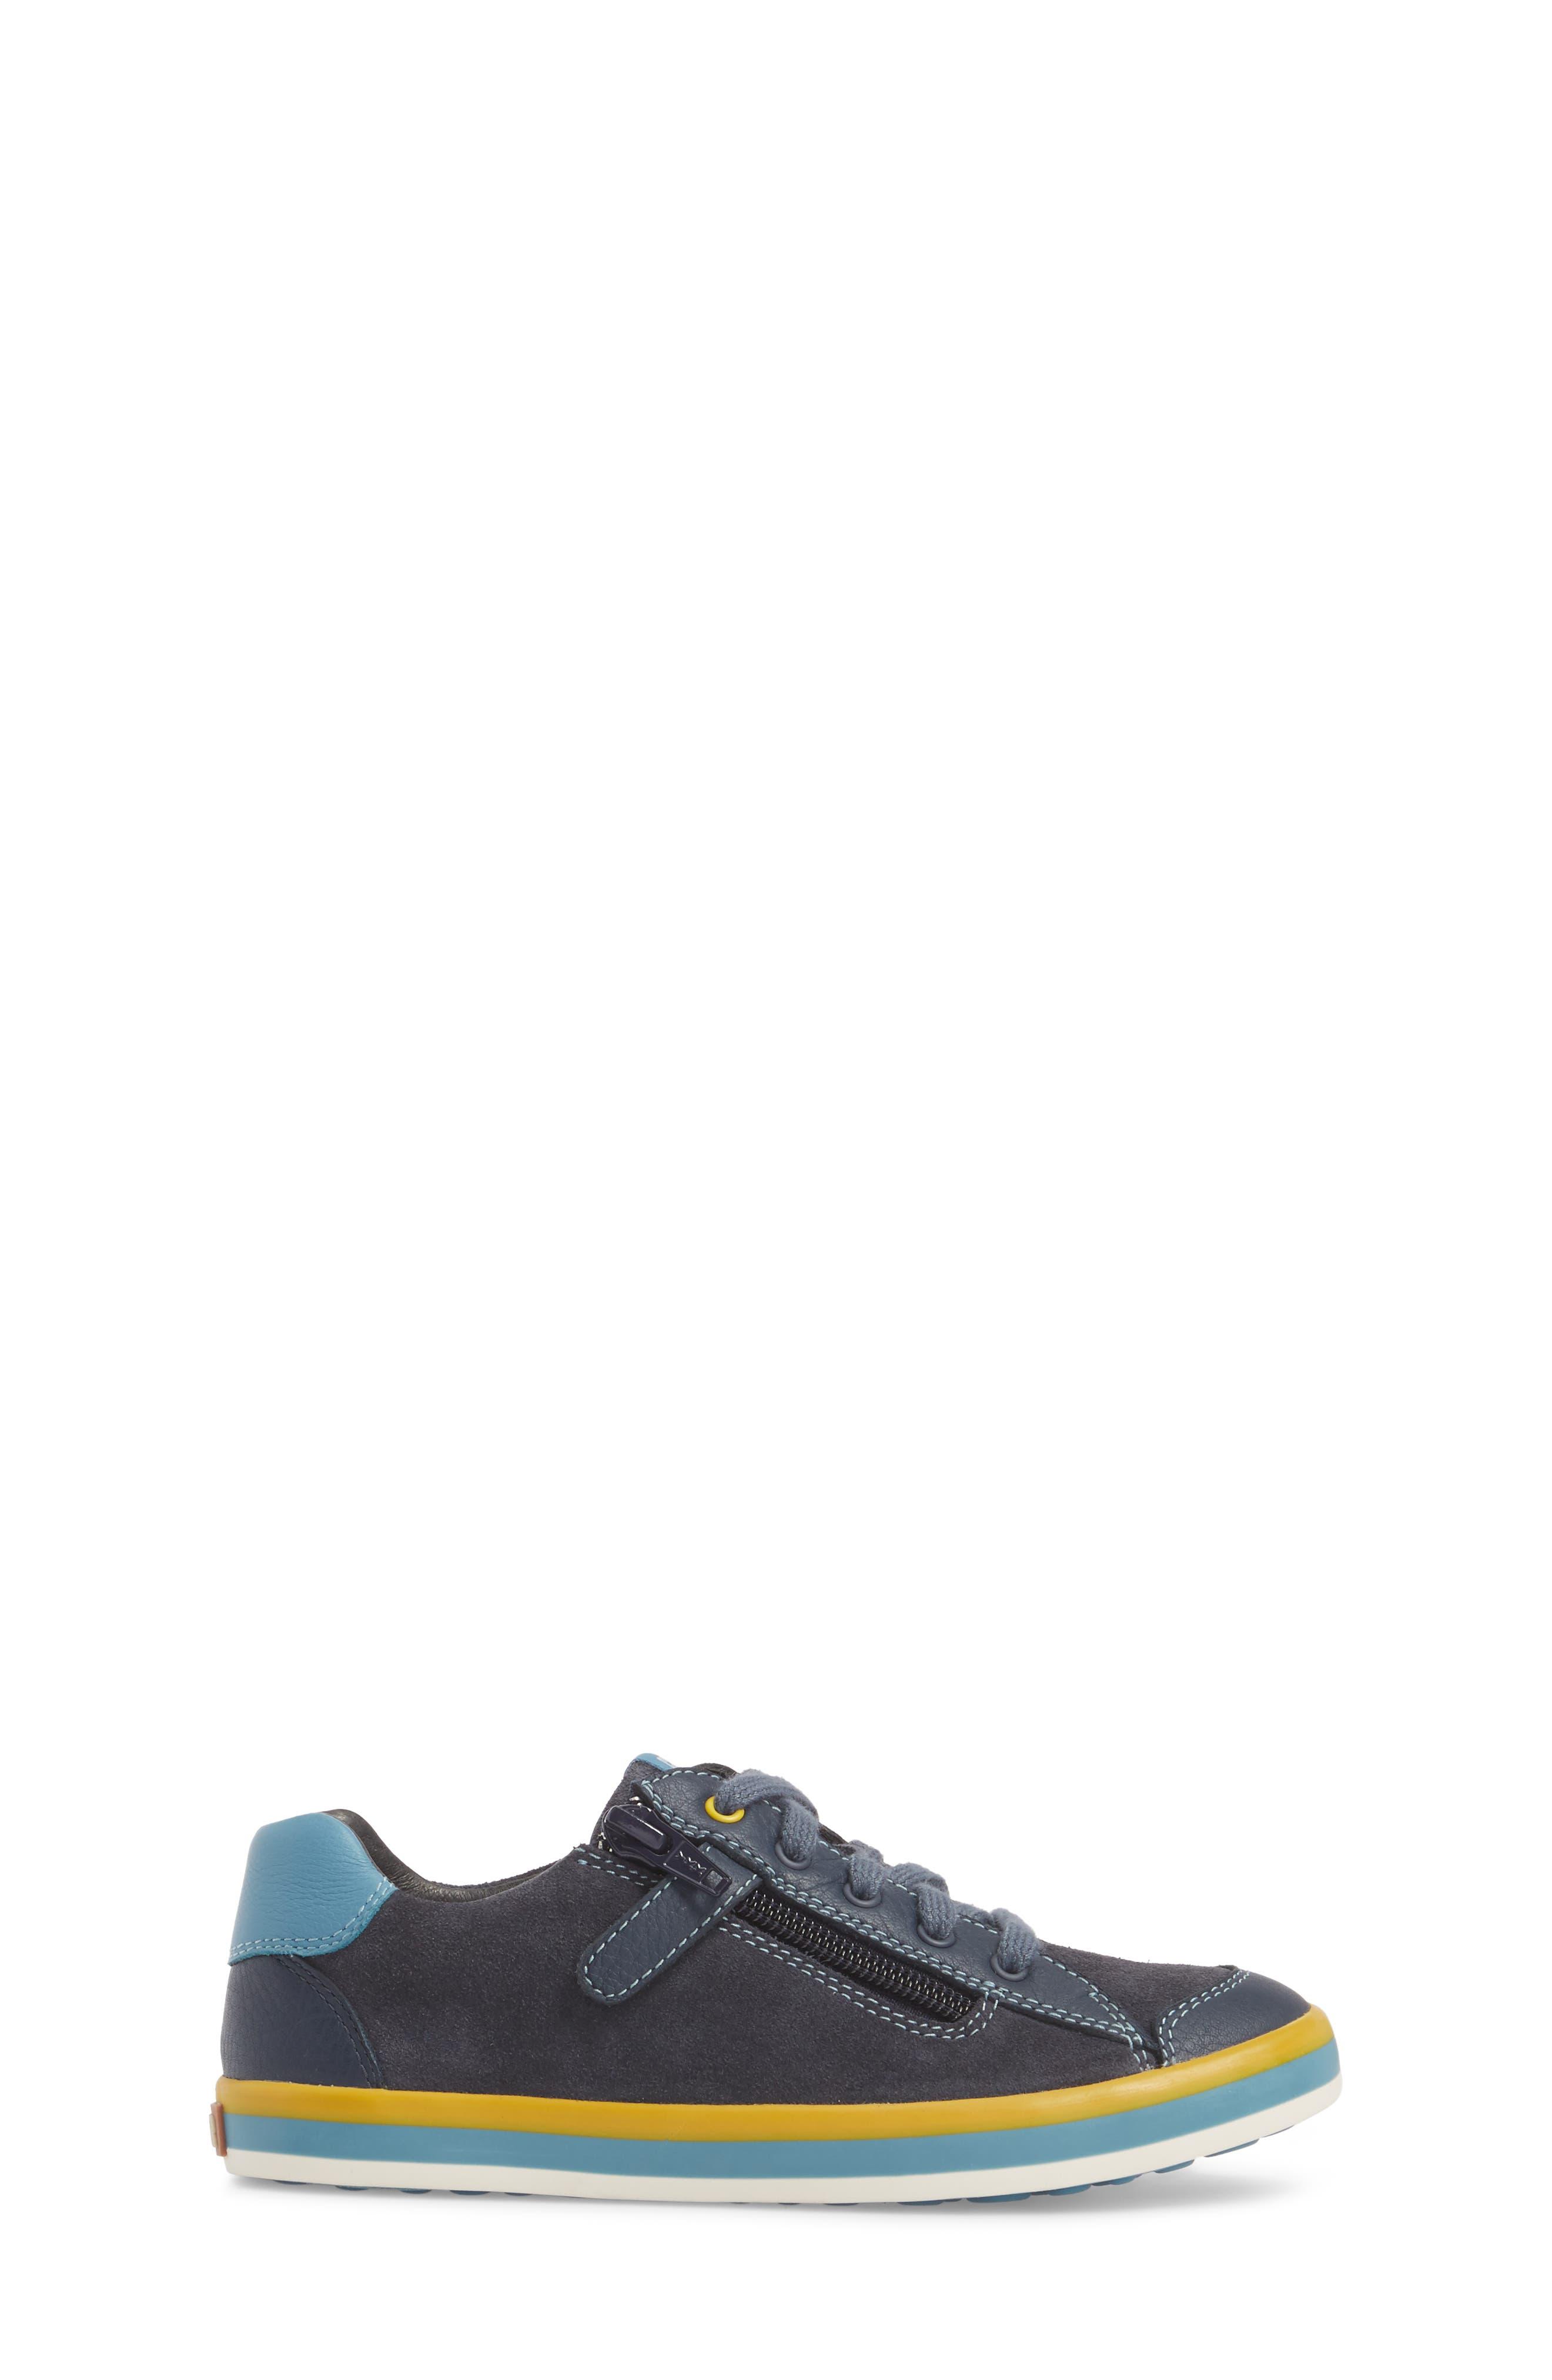 Pursuit Sneaker,                             Alternate thumbnail 3, color,                             Blue